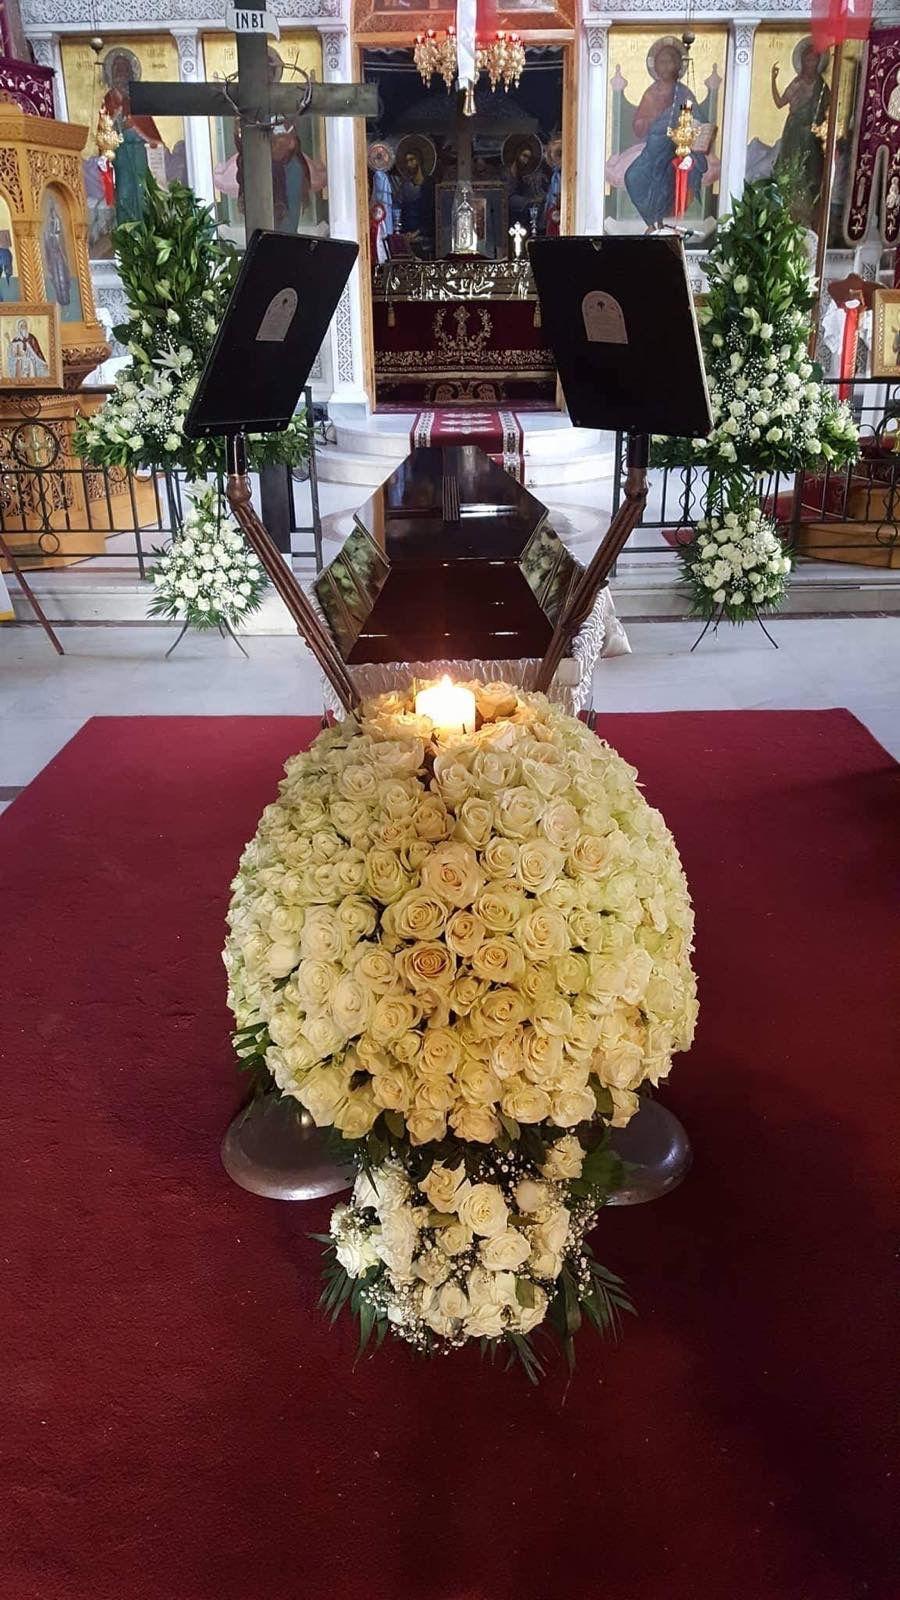 Στολισμός Εκκλησίας - Κηδεία Αθήνα